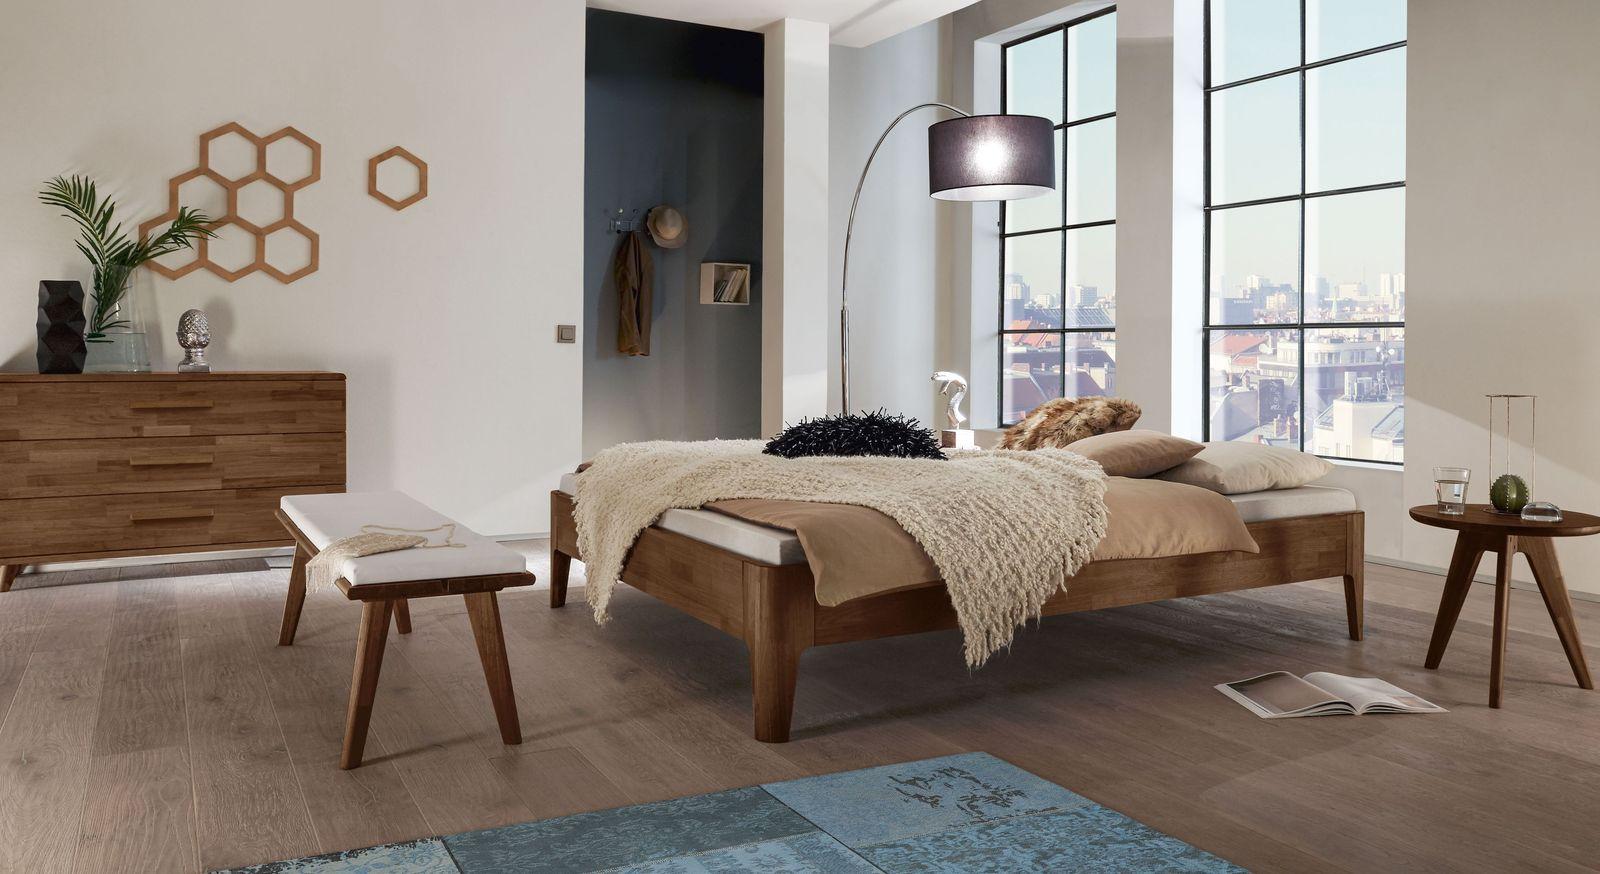 Liege Groi mit passenden Schlafzimmermöbeln aus Nussbaum